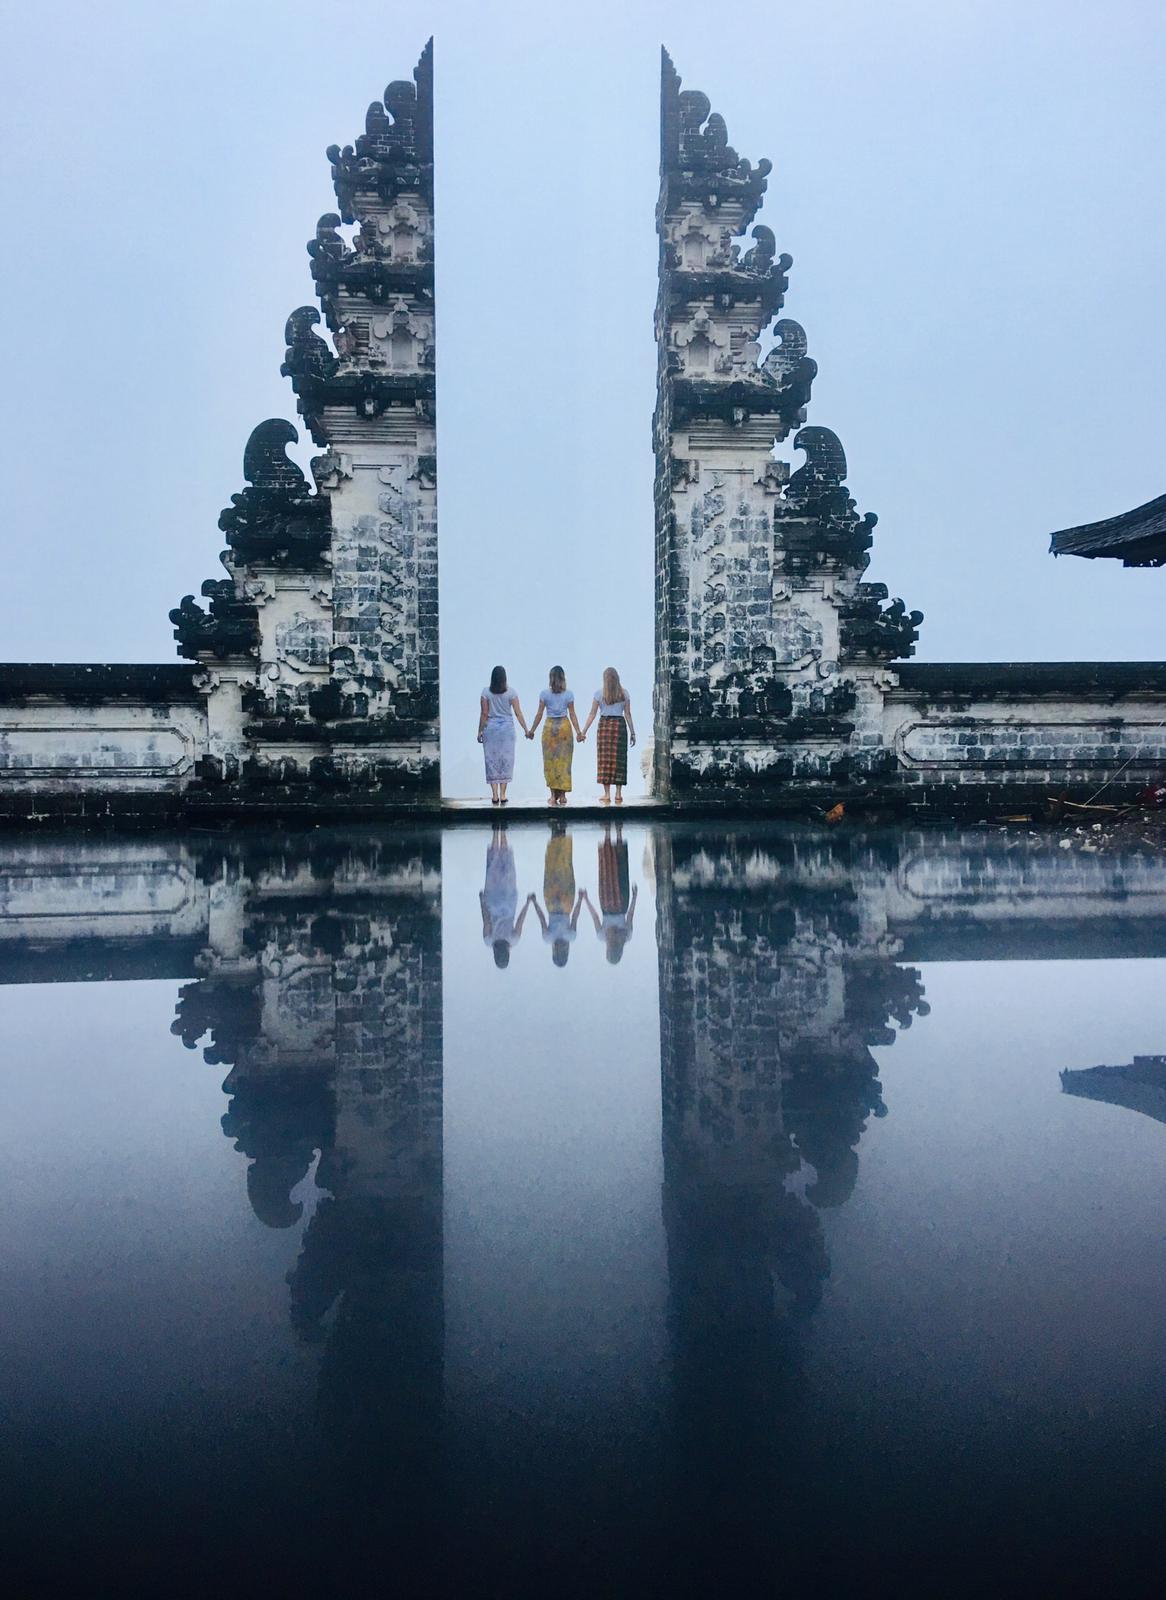 Tempat Wisata Nusa Dua Bali 2019 2019 Culturenesia